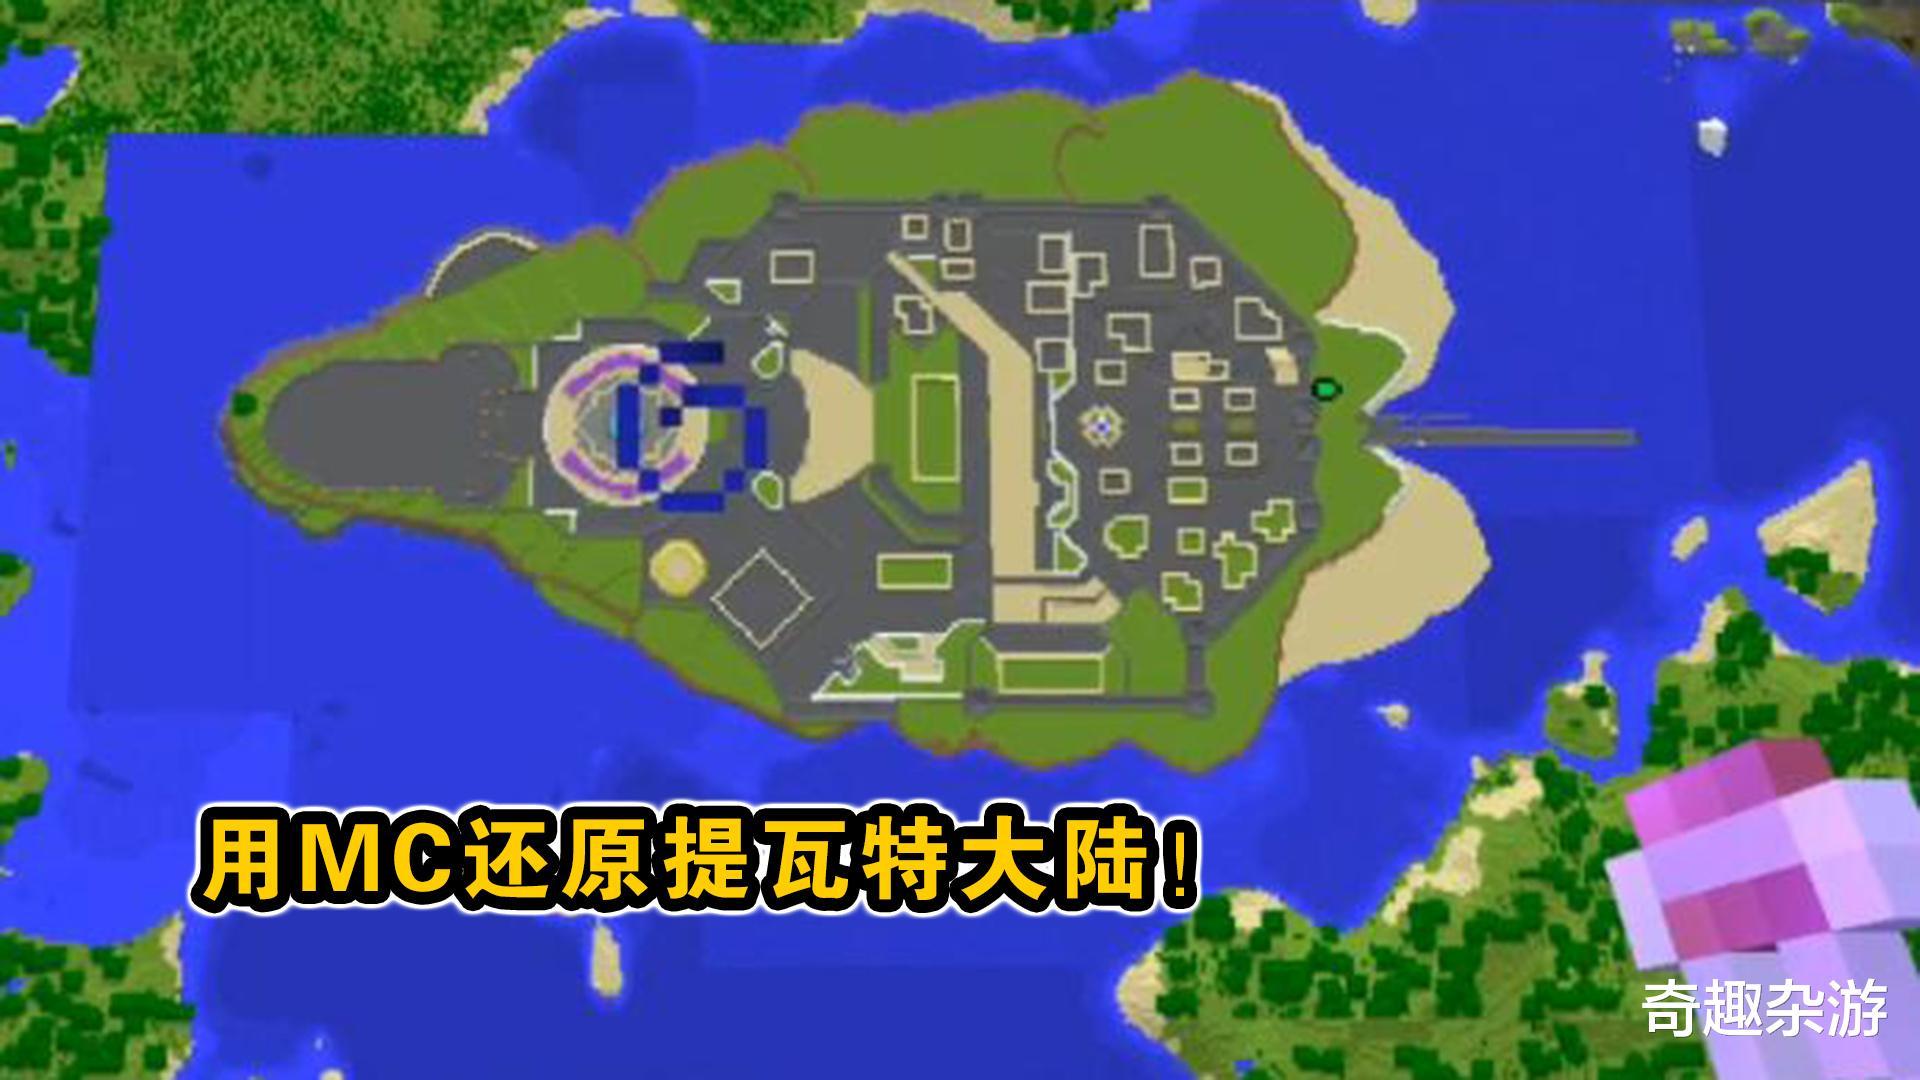 天希大航海时代ol_用《我的世界》的方式打开《原神》,看看不一样的提瓦特大陆-第8张图片-游戏摸鱼怪